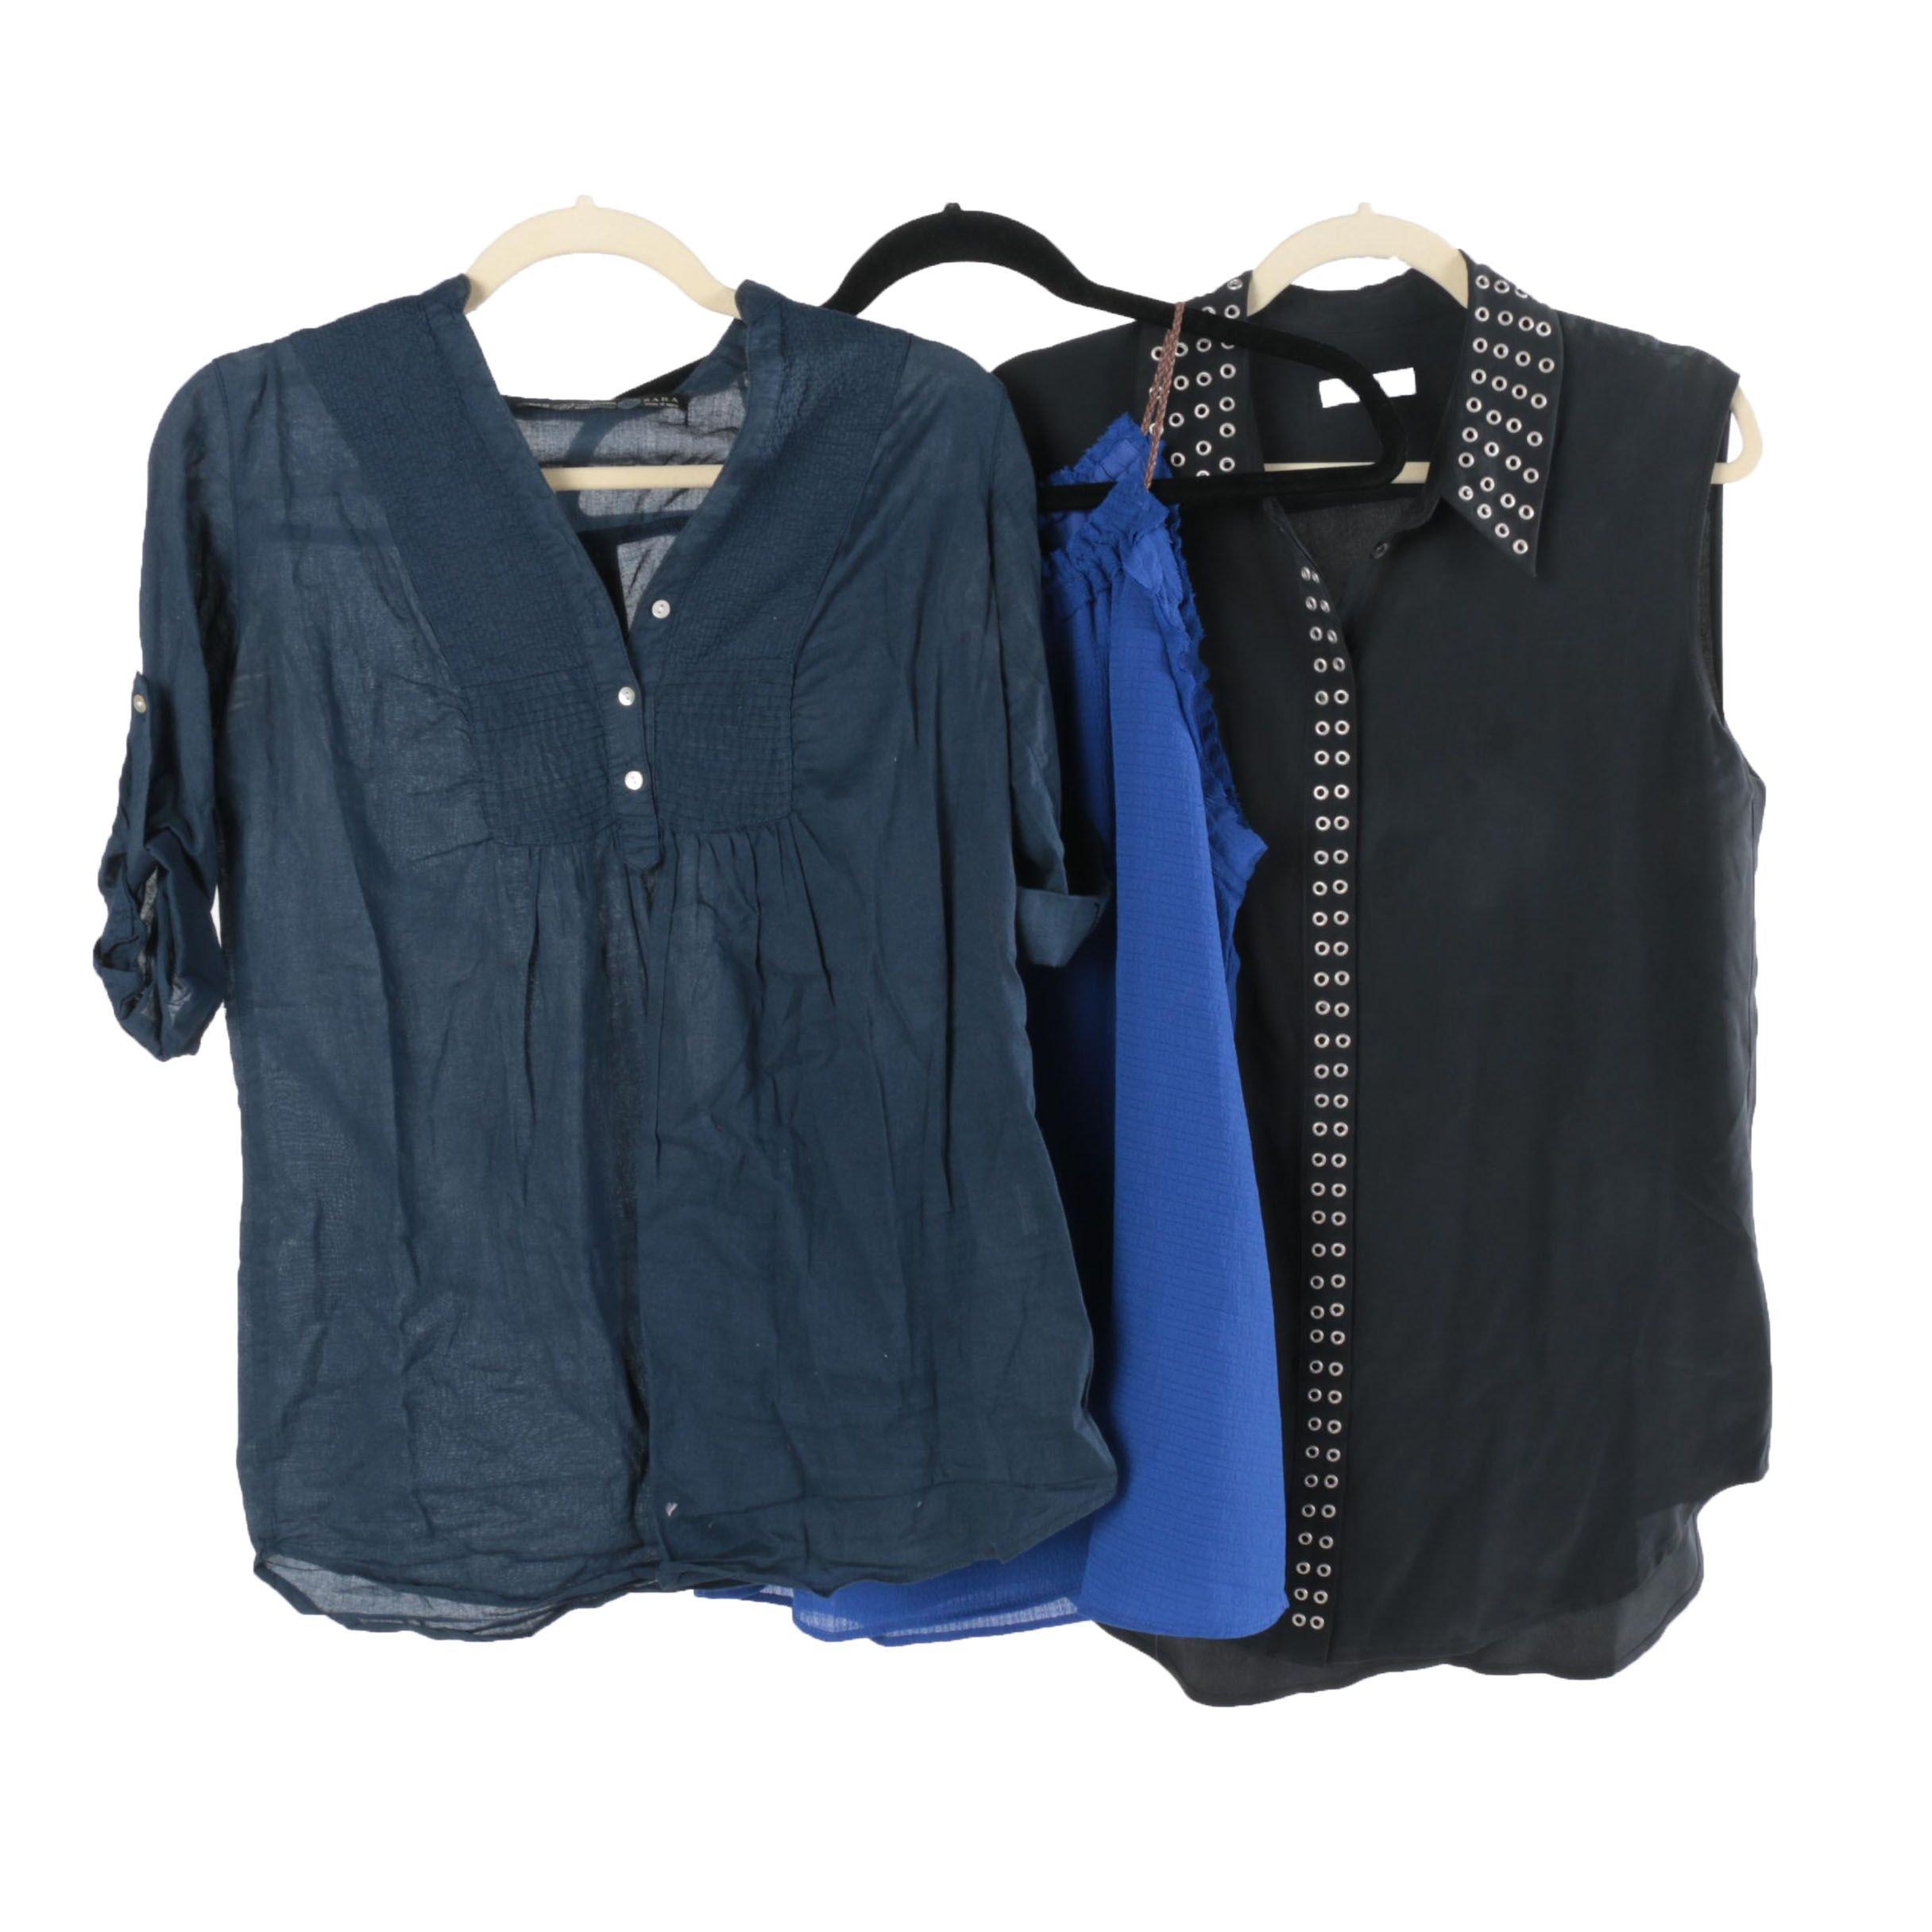 Women's Tops Including Zara